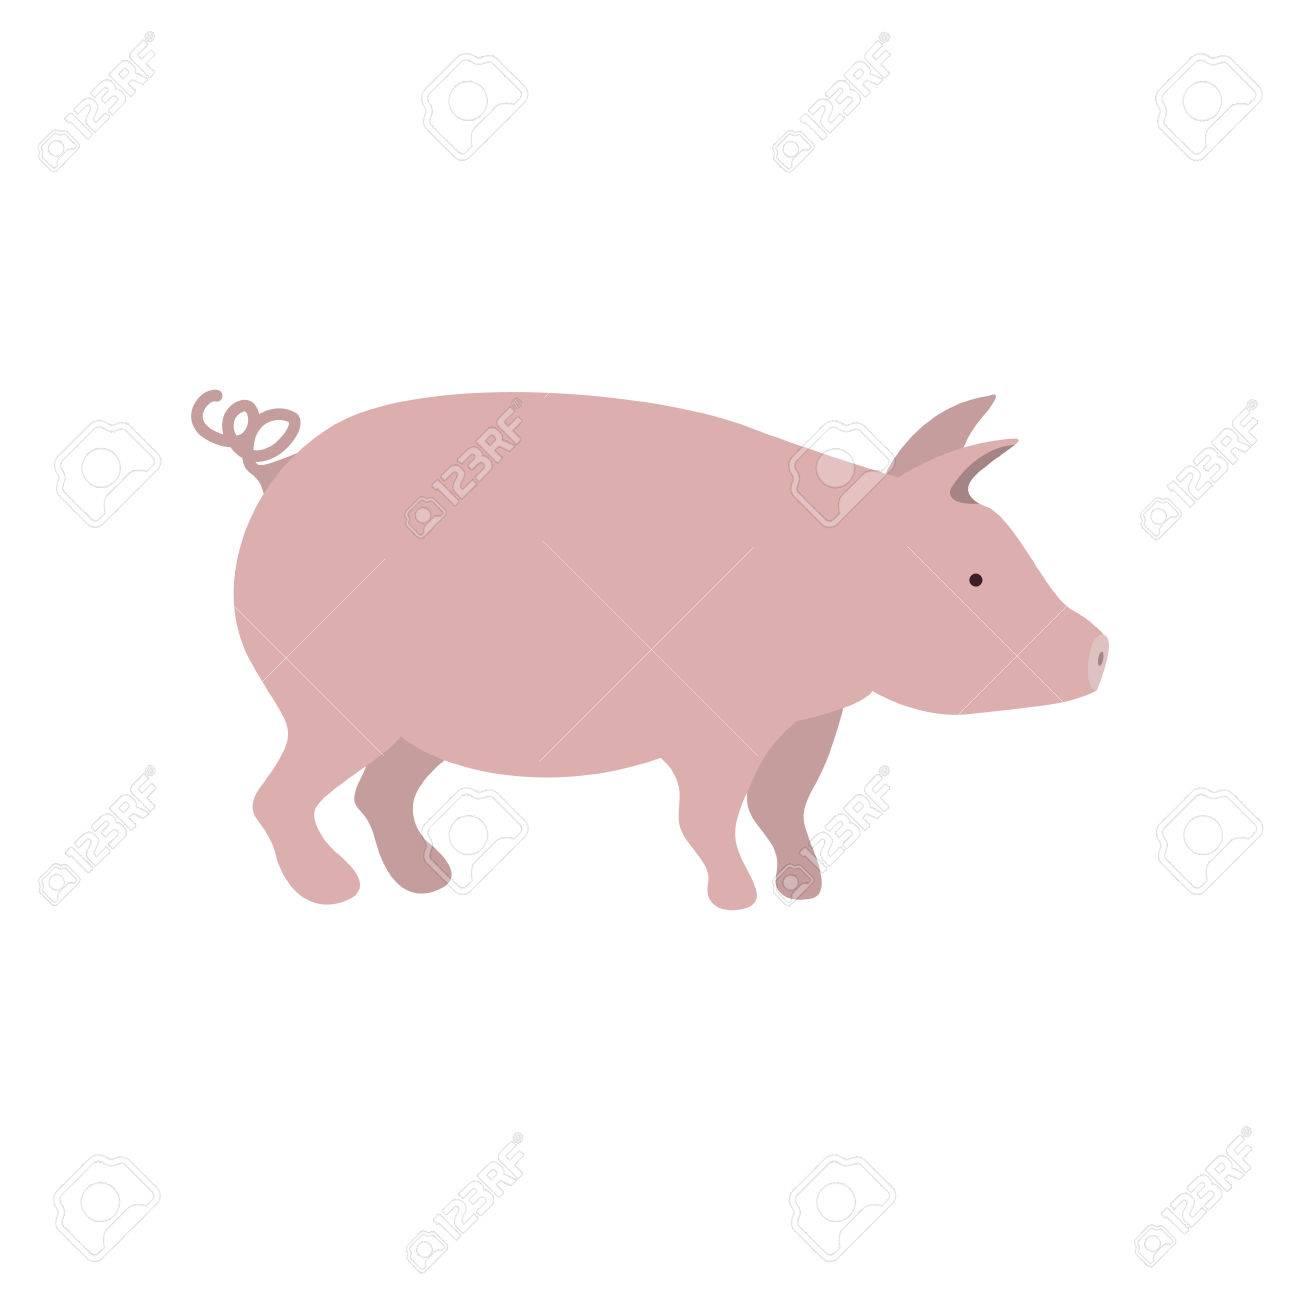 ピンクのブタのベクトル イラスト シルエット カラーのイラスト素材